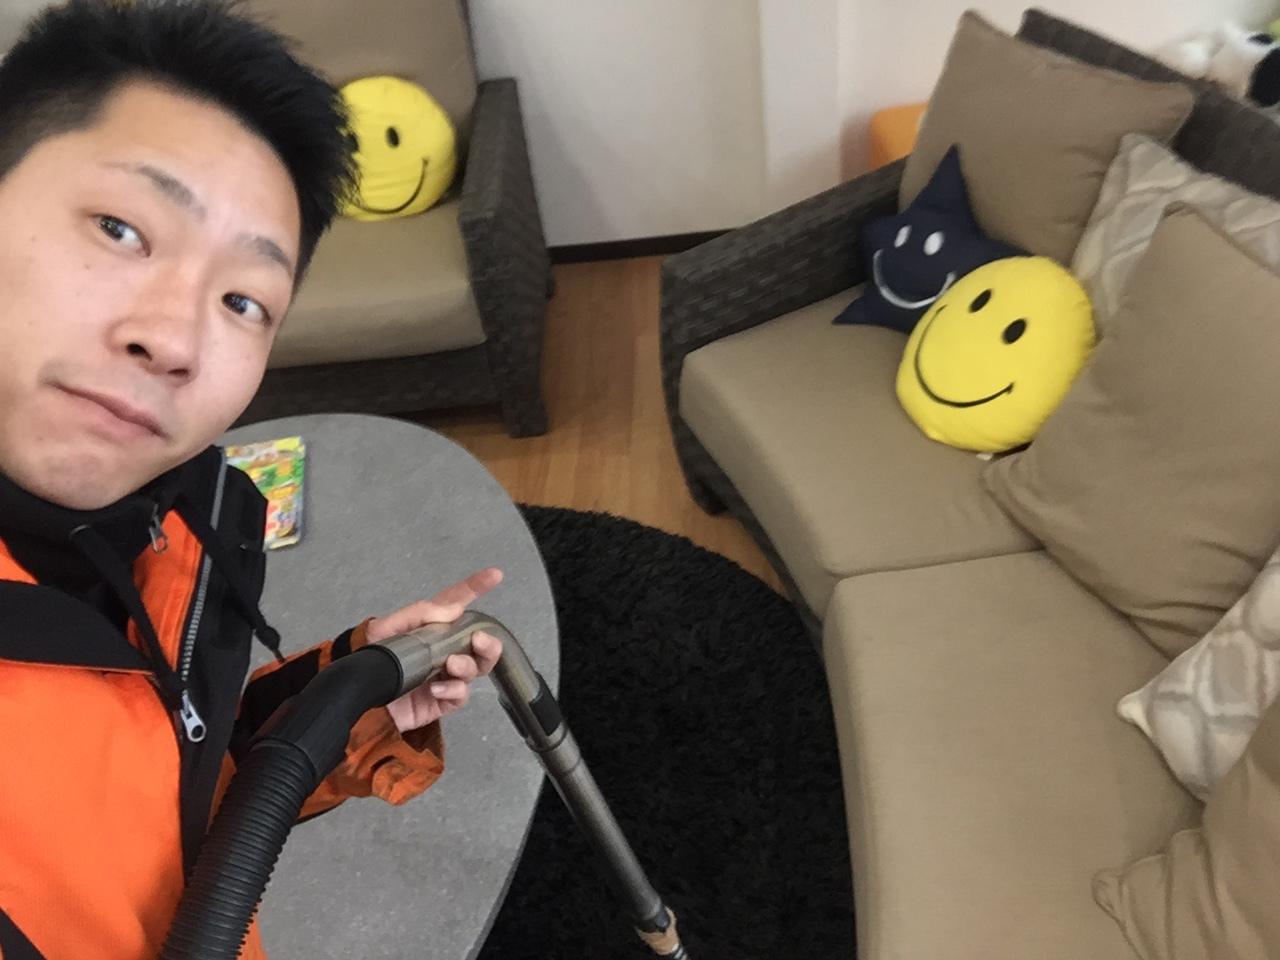 12月3日トミーモータース☆本店ブログ♪トミーレンタカーT様ご利用頂きました!_b0127002_16485342.jpg